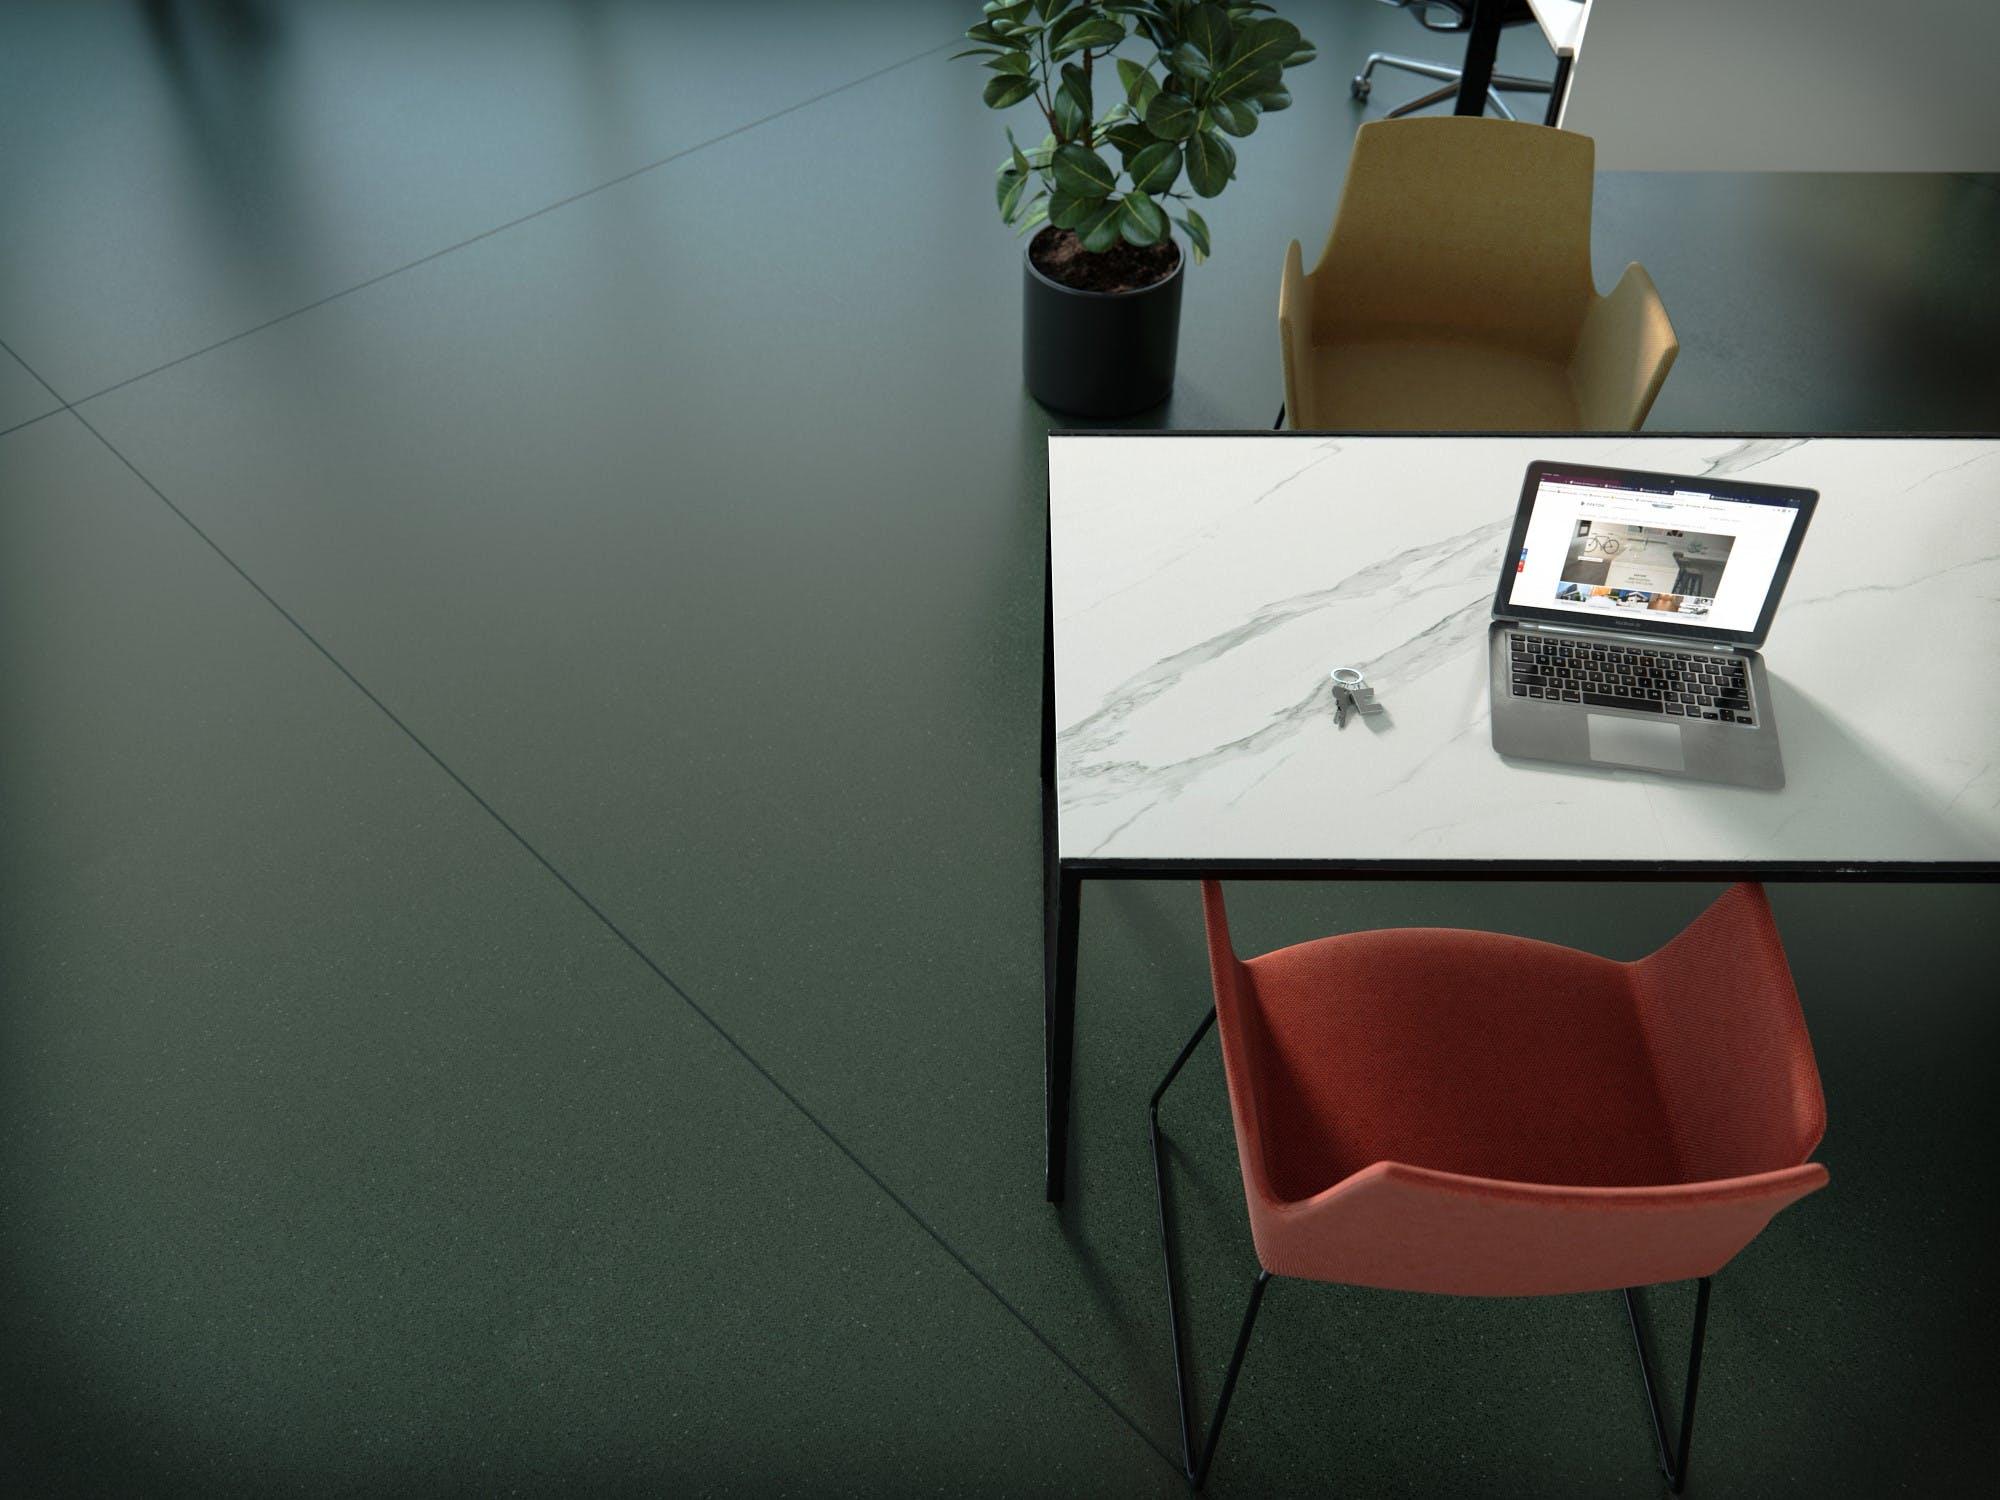 Image of Dekton Office Detalle Feroe baja in Dekton® lanza un azul y verde oscuros que otorgan elegancia a cualquier espacio - Cosentino